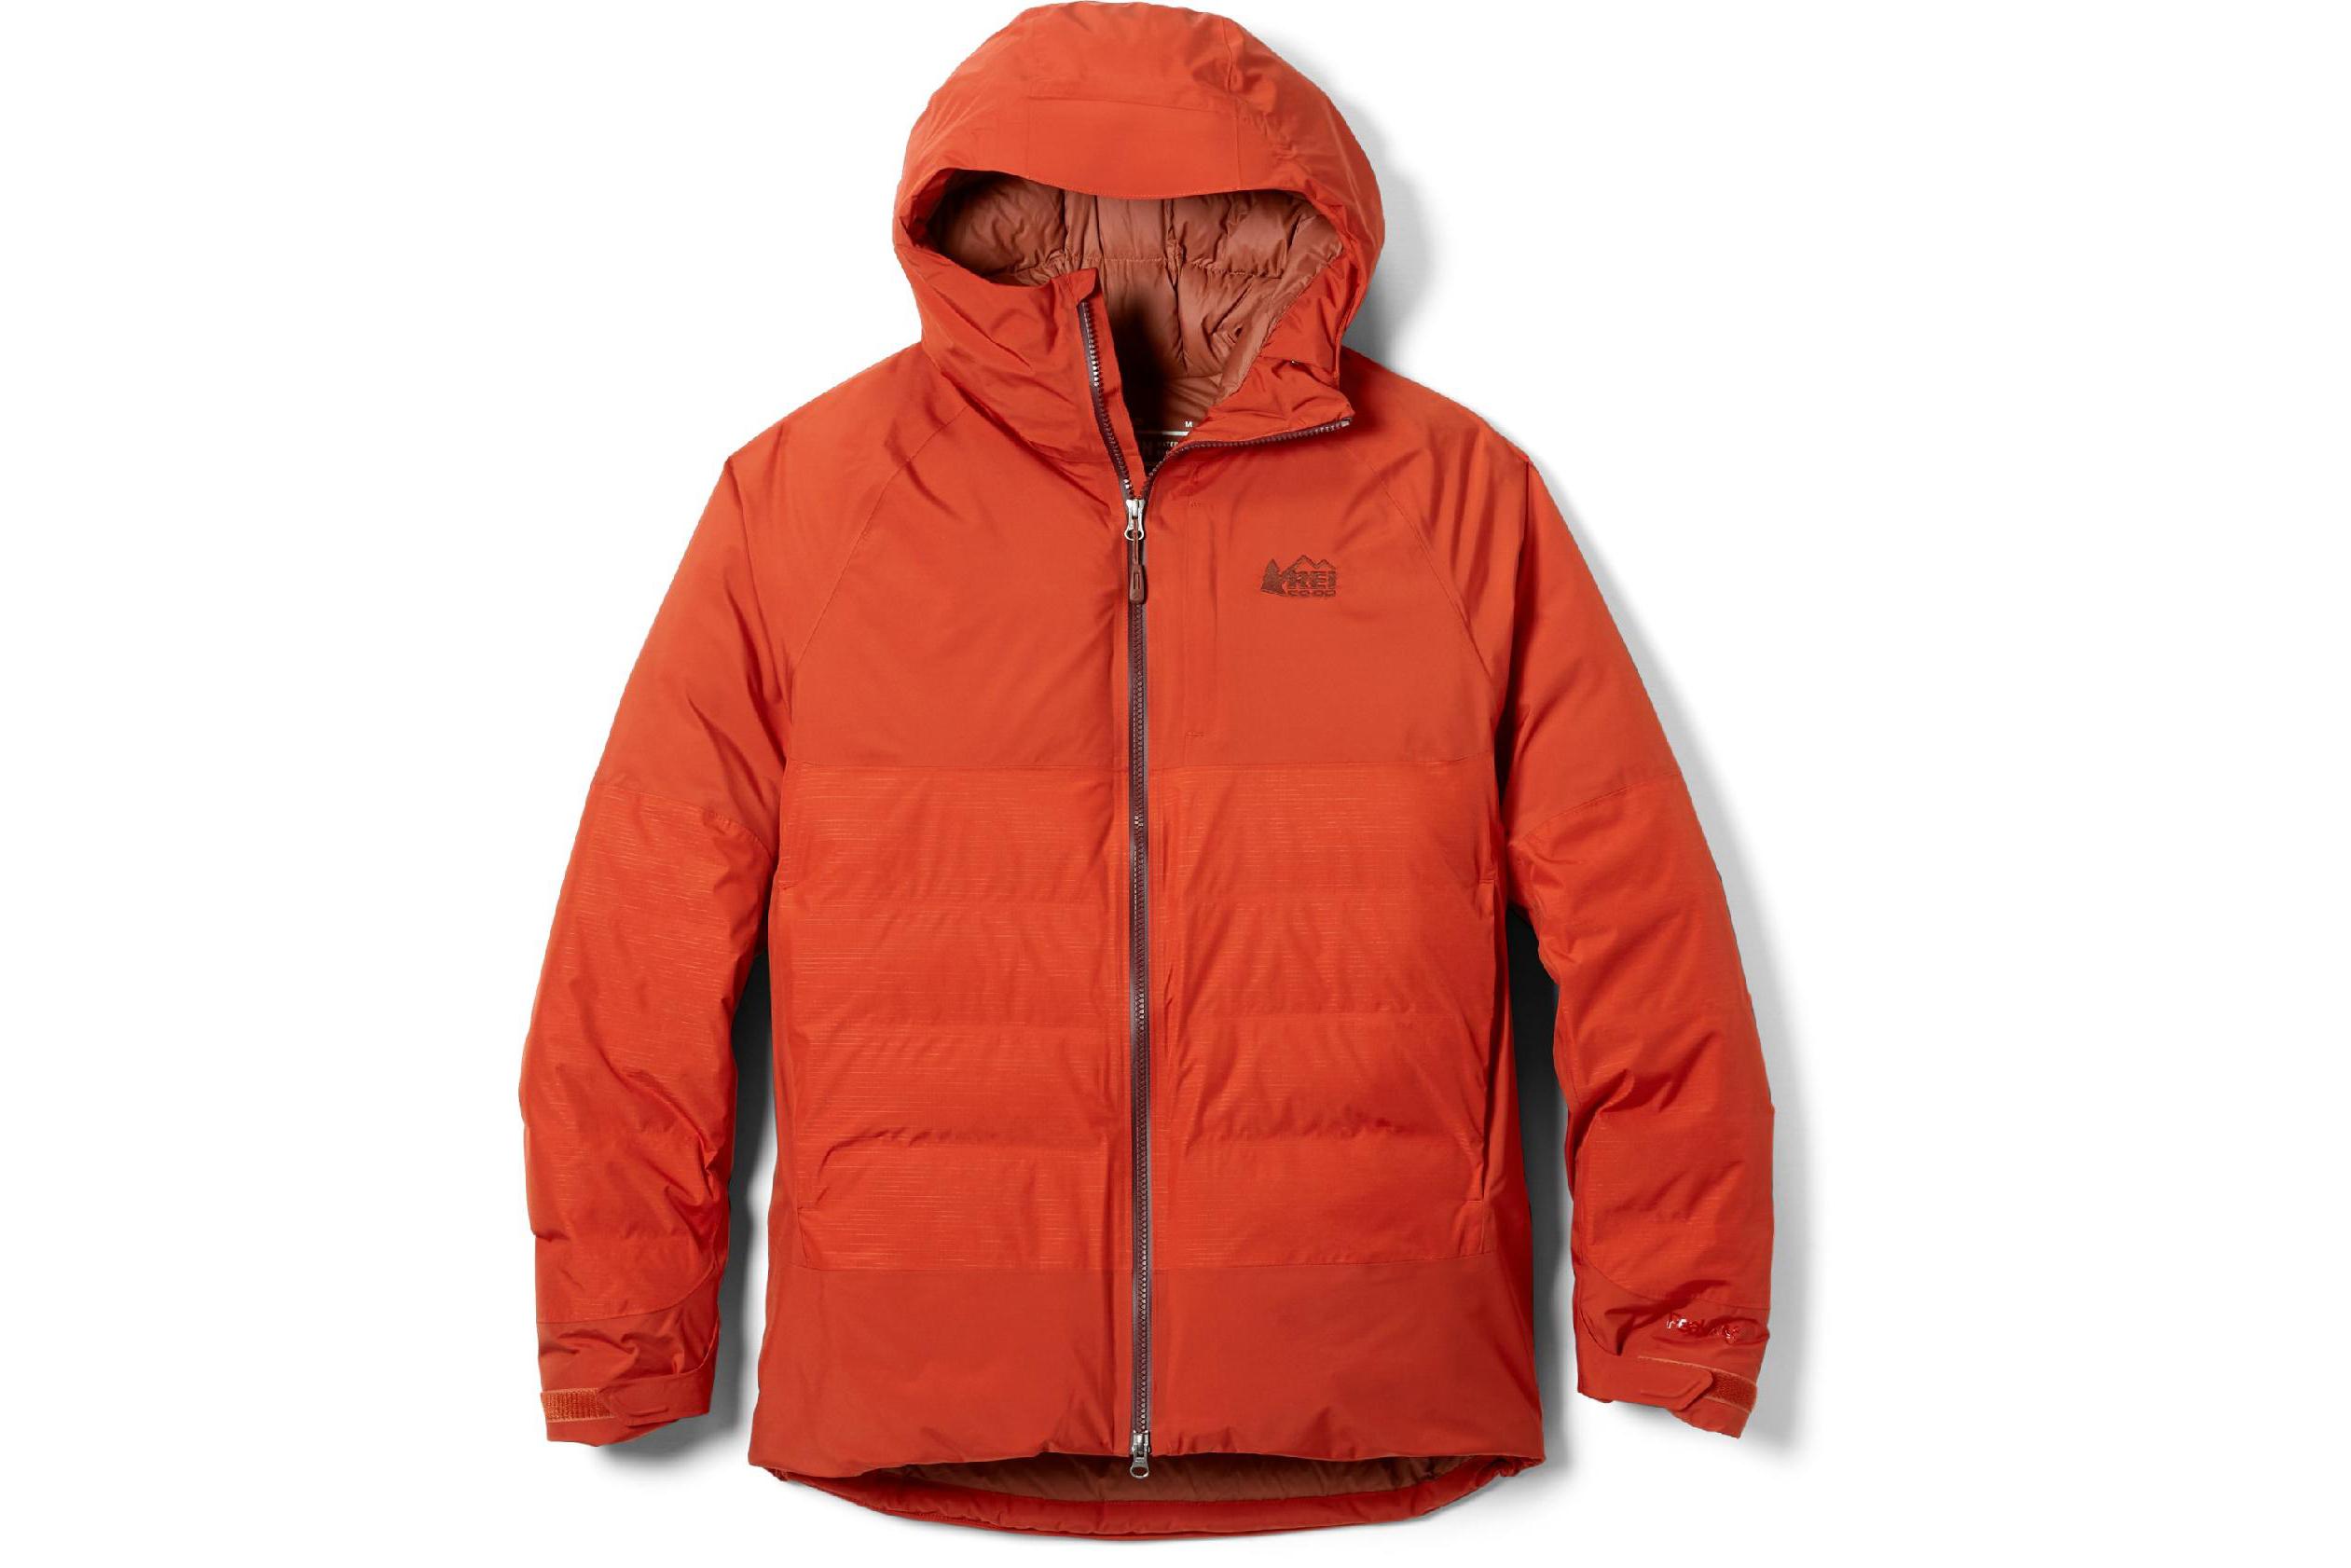 REI Co-op Stormhenge down jacket